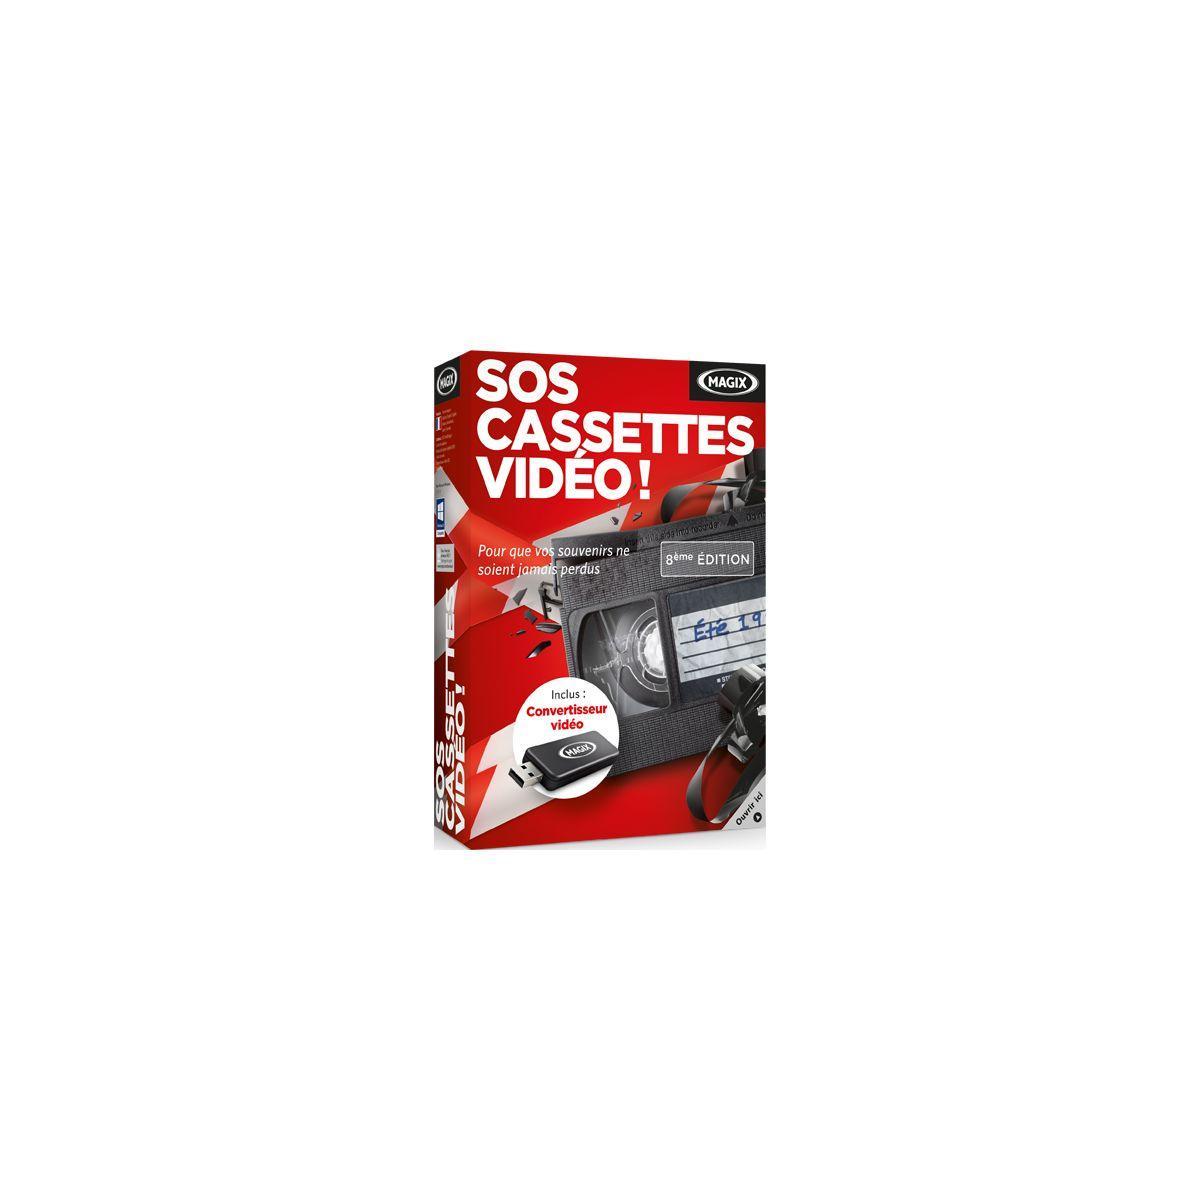 Logiciel pc magix sos cassettes video 8 – 5 € de remise : code cash5